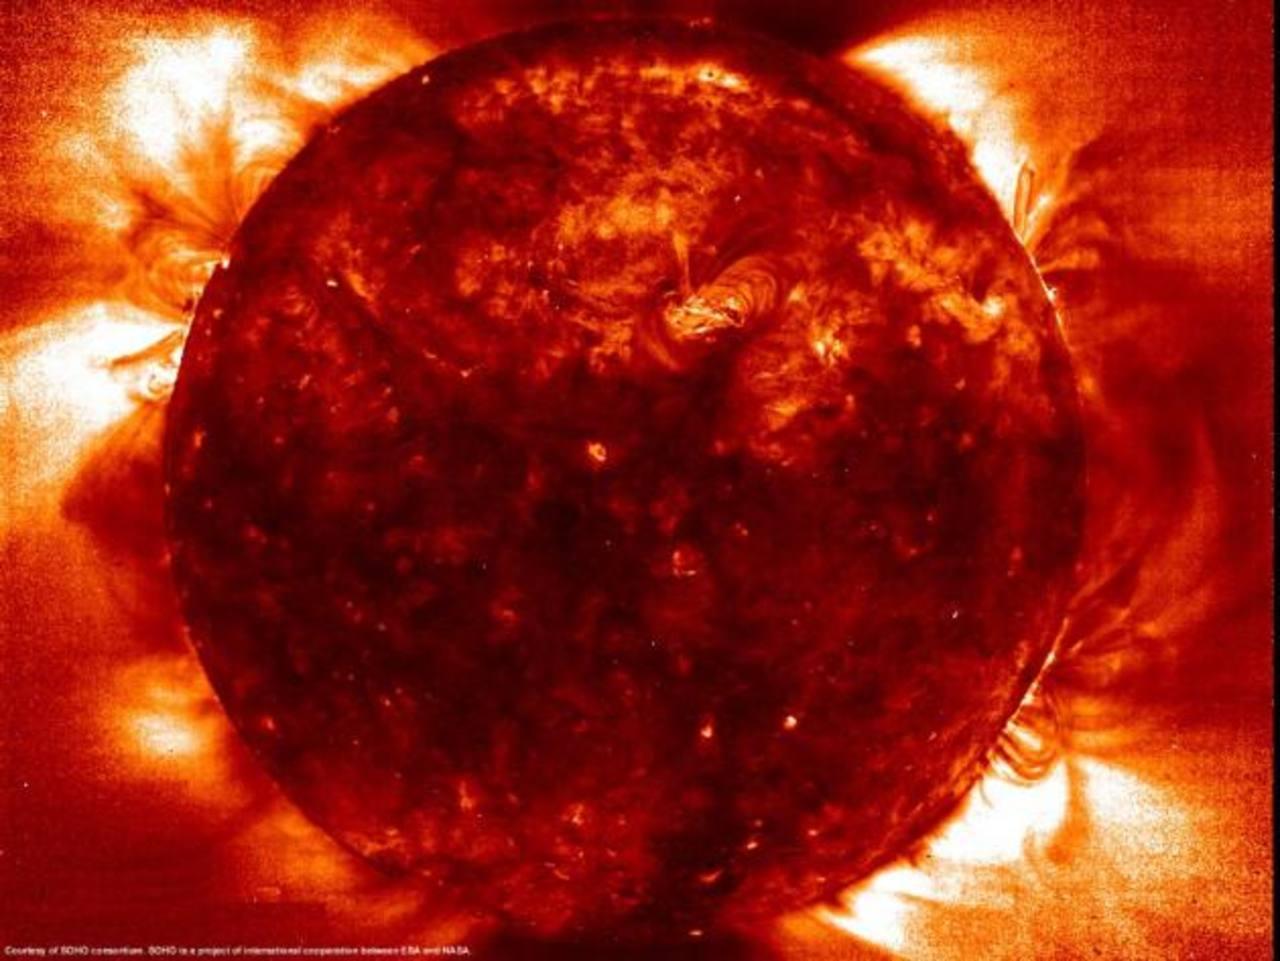 Inevitablemente, una tormenta solar golpeará la Tierra